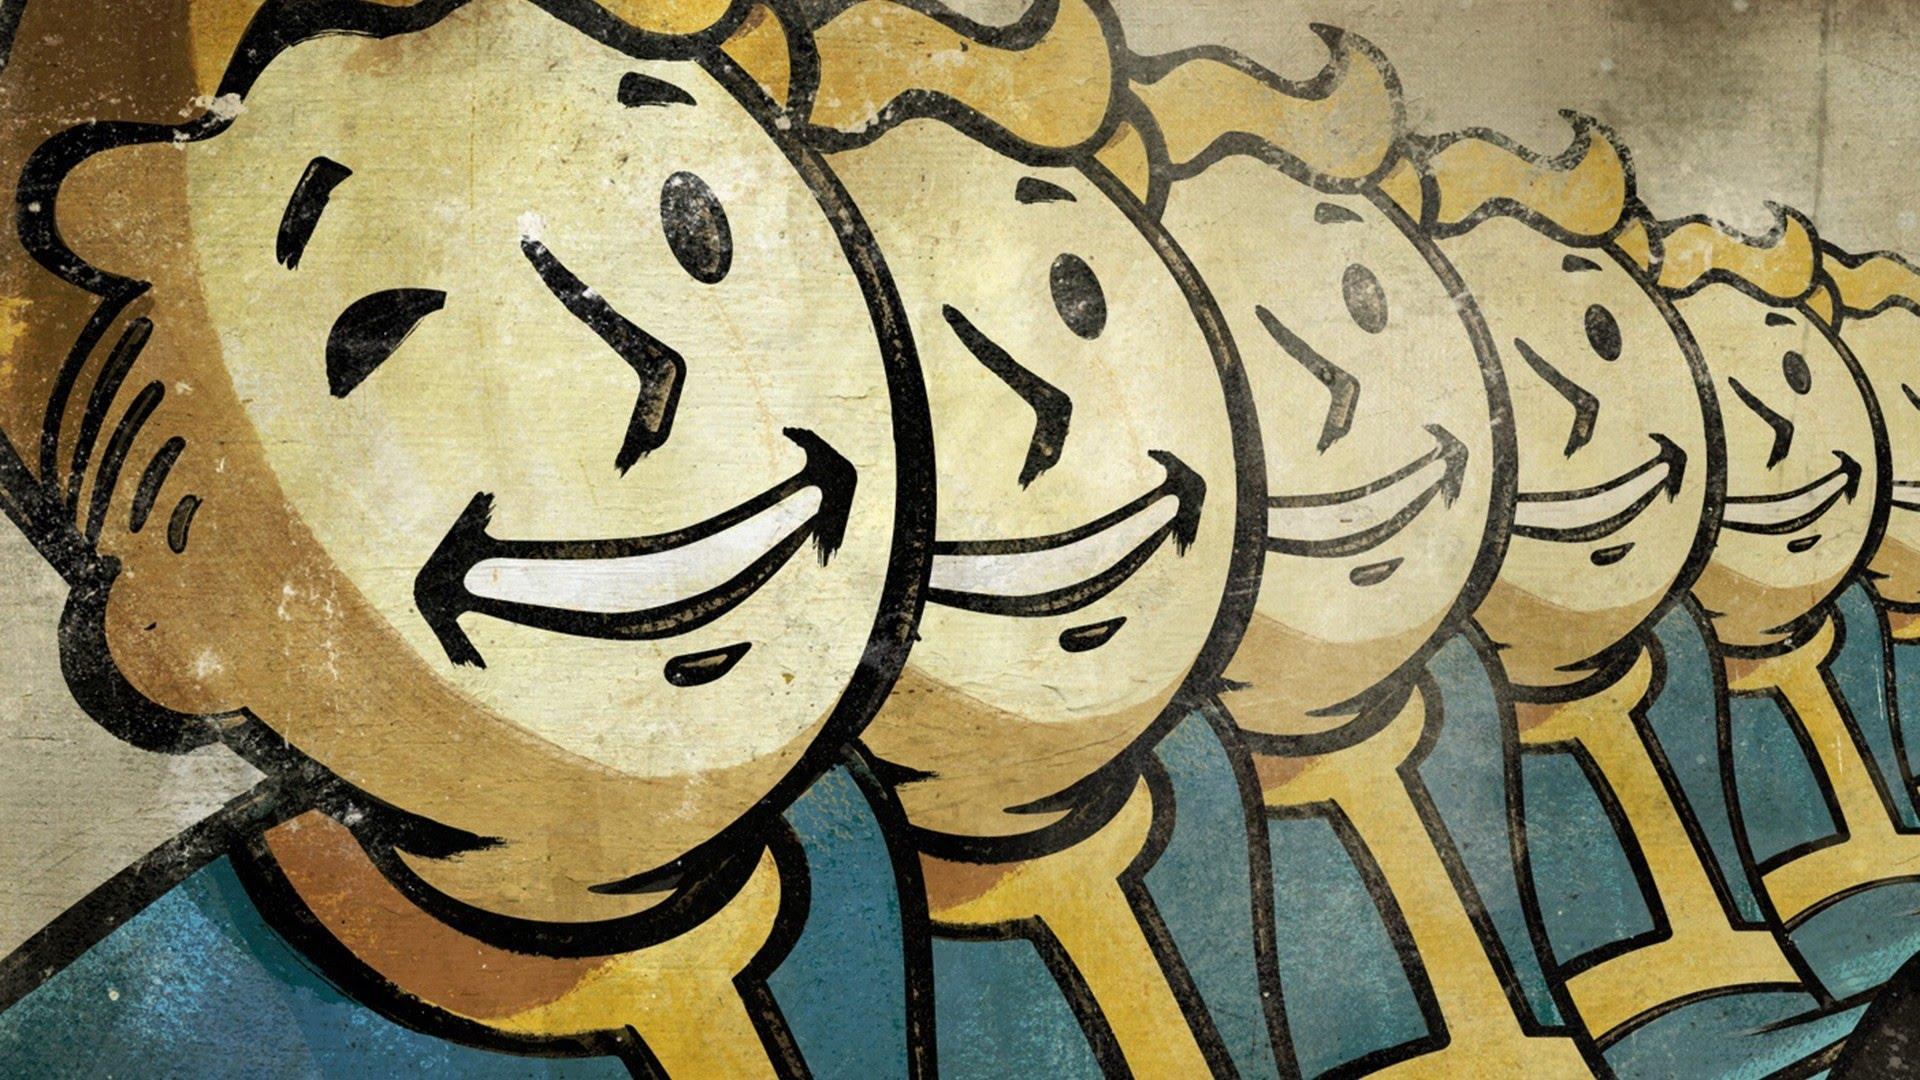 nyheter PS Porno konsumet stupte etter Fallout slippet